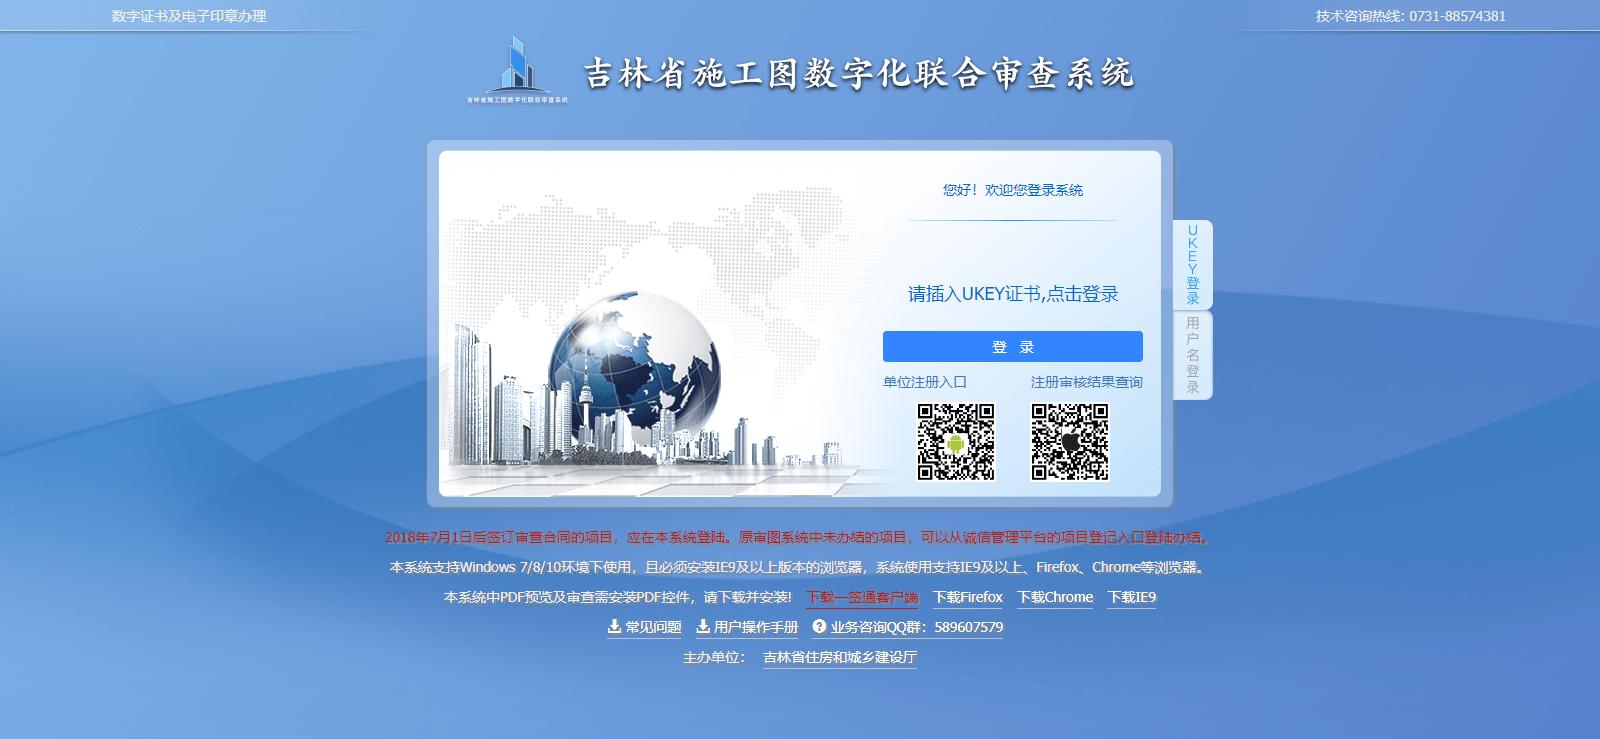 吉林省施工图数字化联合审查系统(吉林消防验收系统)